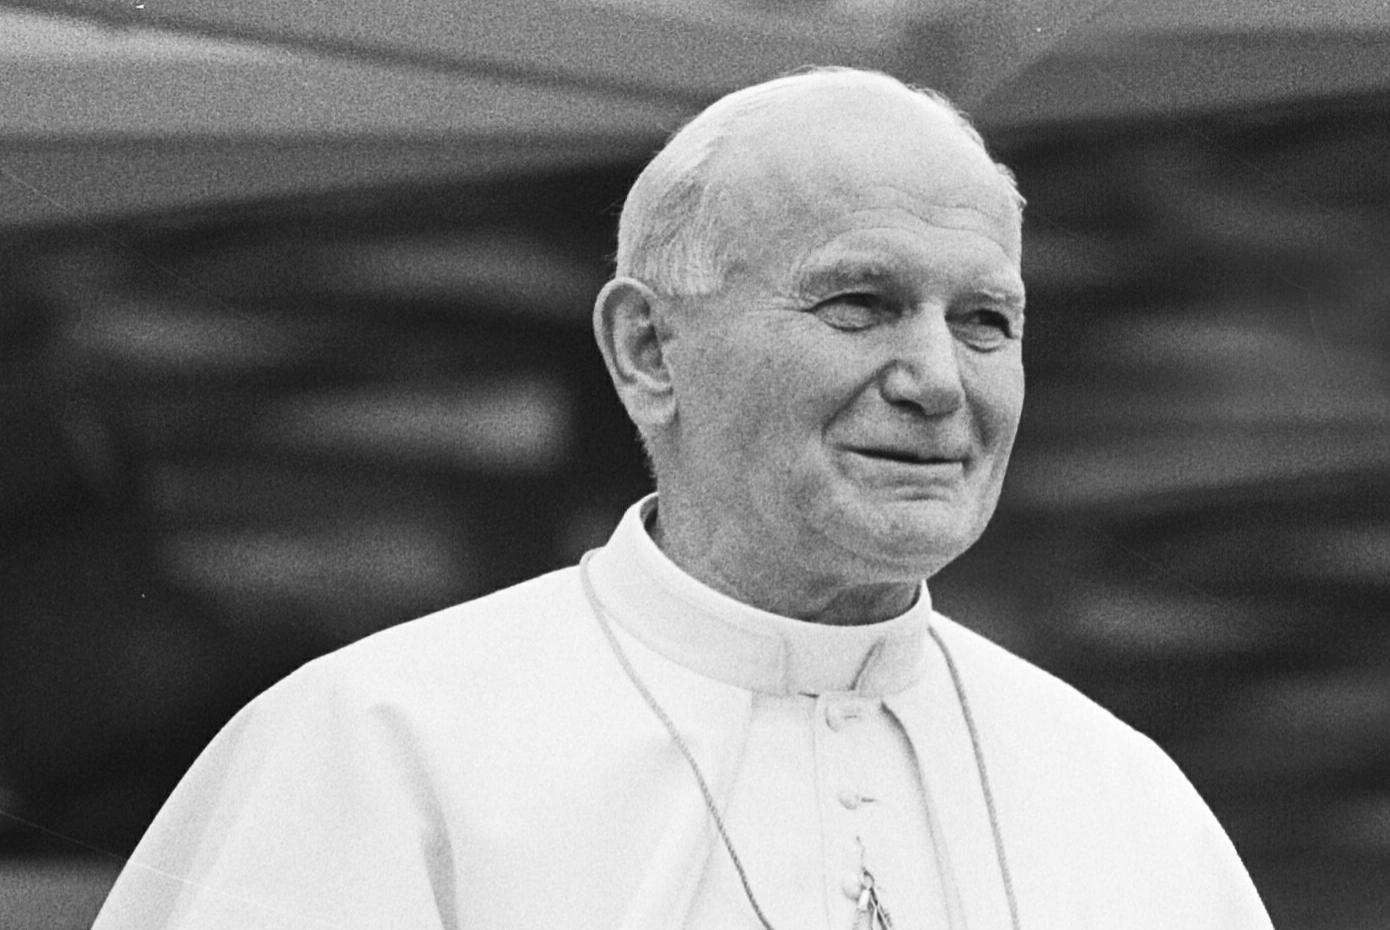 Jan Paweł II był pierwszym Polakiem wybranym na urząd głowy Kościoła Katolickiego. Jego pontyfikat uważany jest za jeden z najbardziej wpływowych w historii. (fotografia z 11 maja 1985 r. Rob Croes, ANEFO/wikimedia.org/CC BY 4.0)